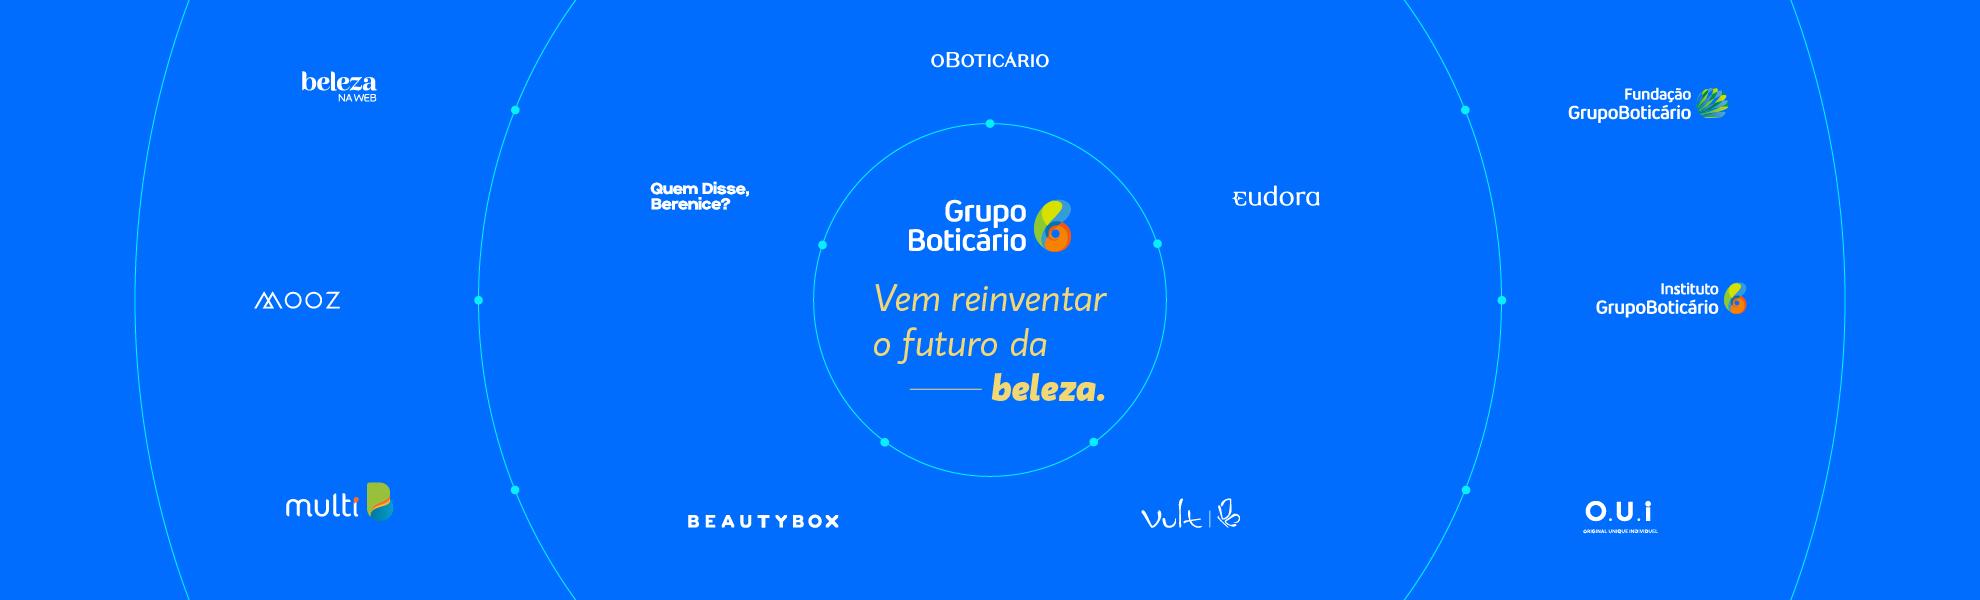 Asesor Chat/Voz - Ventas